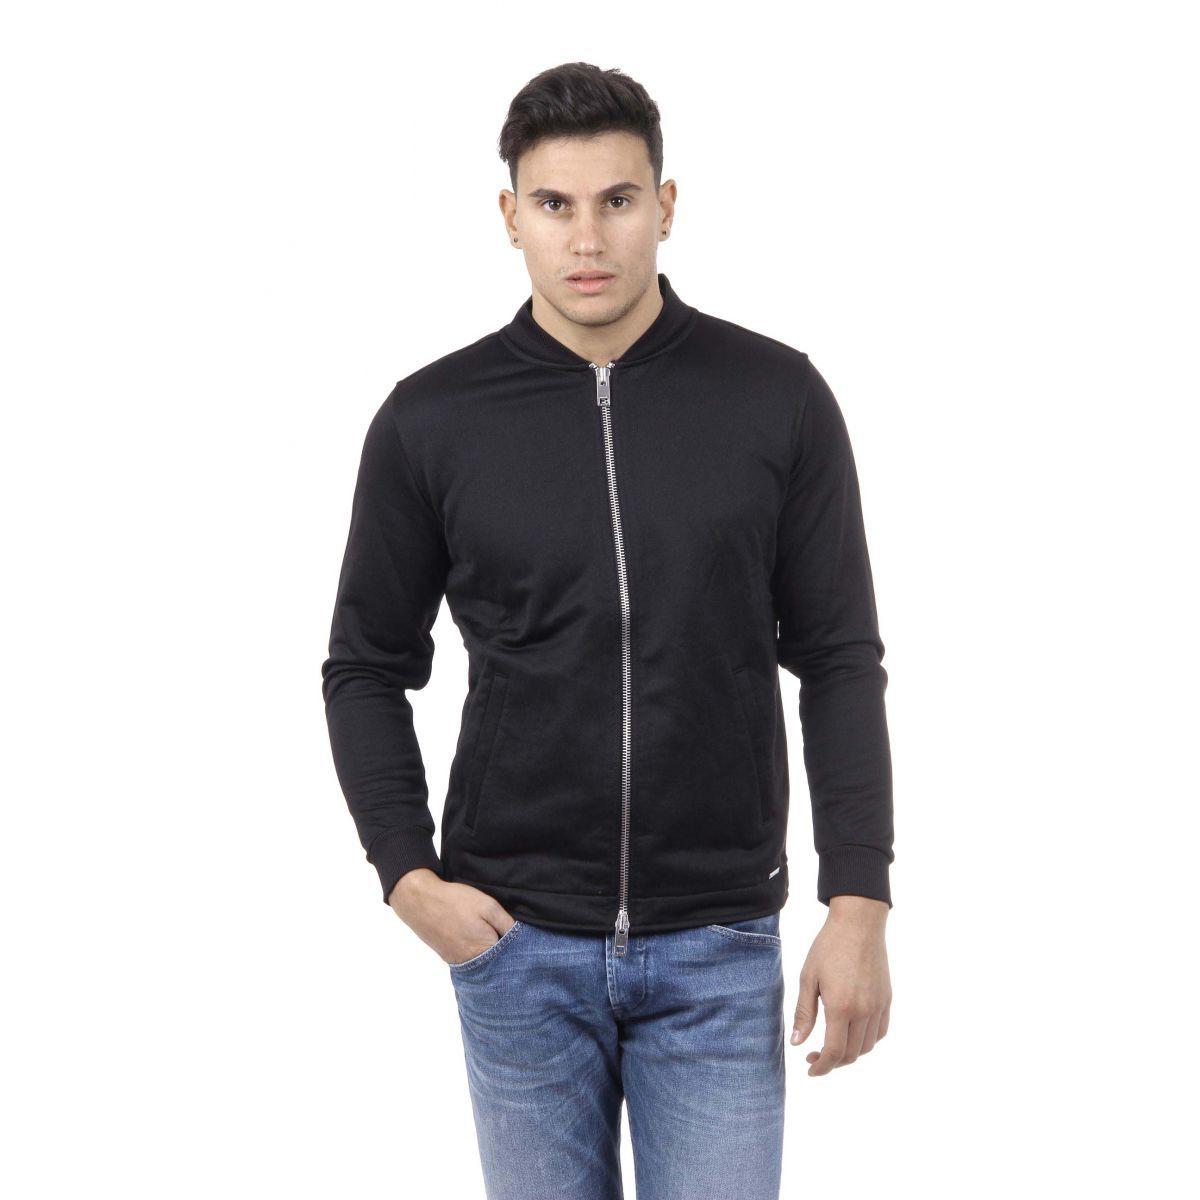 Diesel Mens Sweater 00SIZ8 0KAIH 900